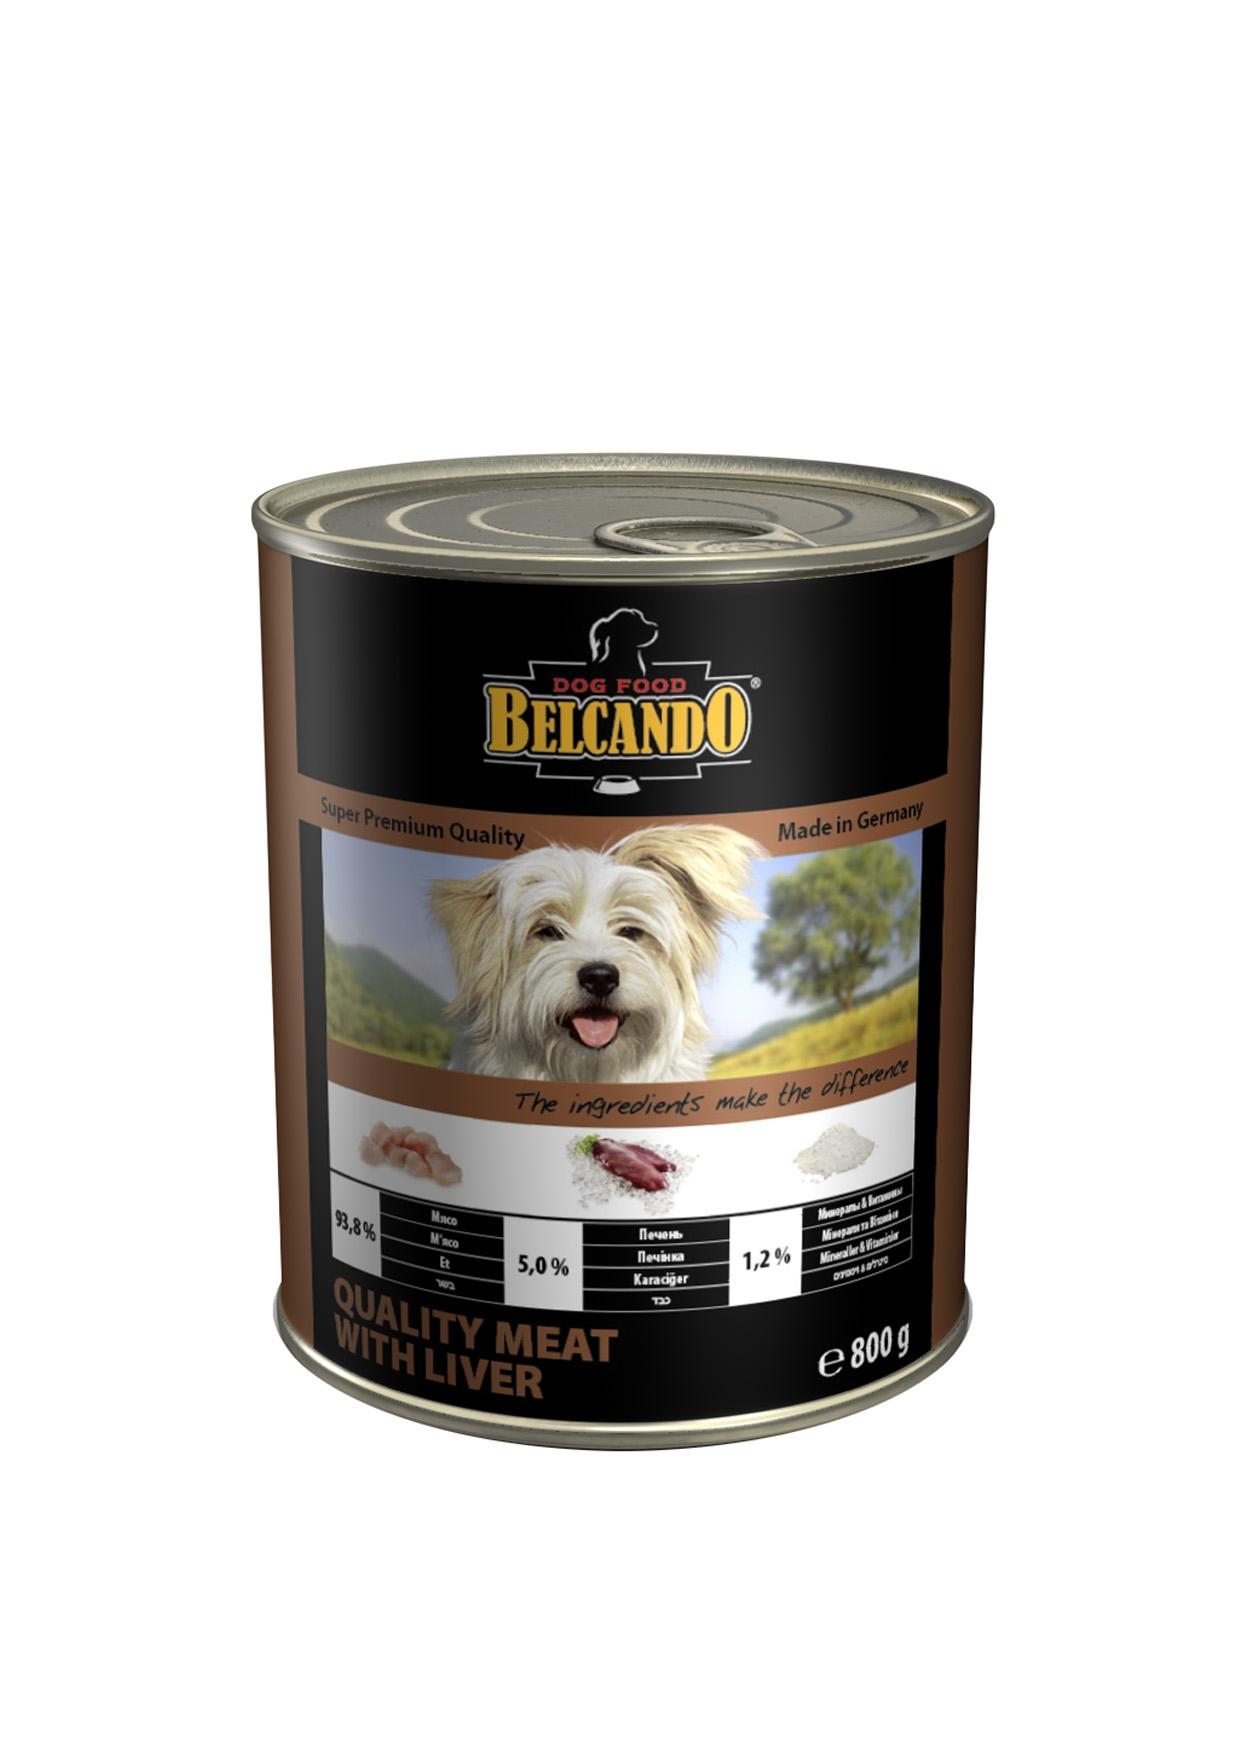 Консервы для собак Belcando, с мясом и печенью, 800 г101246Консервы Belcando - это полнорационное влажное питание для собак. Подходят для собак всех возрастов. Комбинируется с любым типом корма, в том числе с натуральной пищей. Состав: мясо 93,8%, печень 5%, витамины и минералы 1,2%. Анализ состава: протеин 14 %, жир 5,5 %, клетчатка 0,2 %, зола 2 %, влажность 79 %, витамин А 2,500 МЕ/кг, витамин Е 40 мг/кг, витамин D3 250 МЕ/кг, кальций 0,4 %, фосфор 0,16 %.Вес: 800 г.Товар сертифицирован.